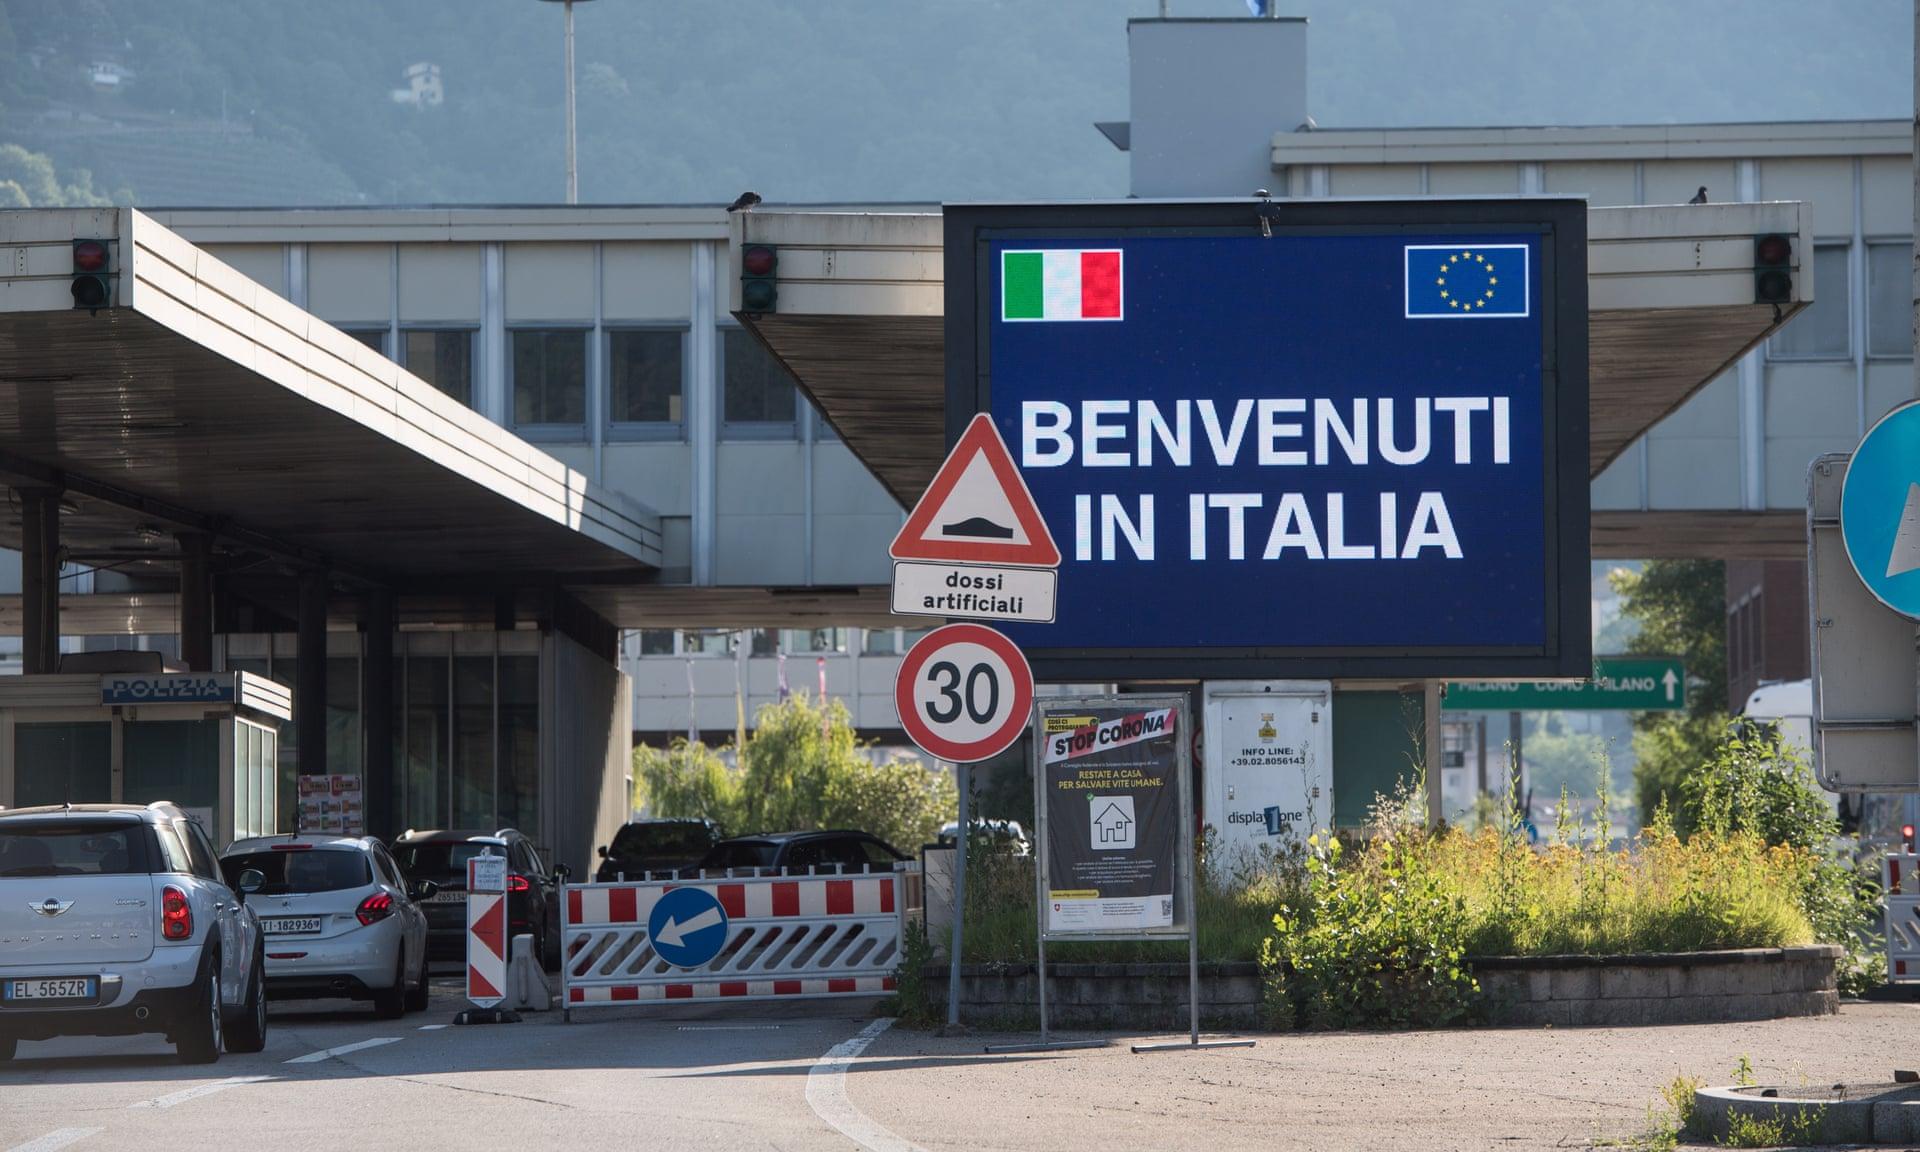 歐盟7月1日重開邊境 美台未列入清單 中國列有條件接受